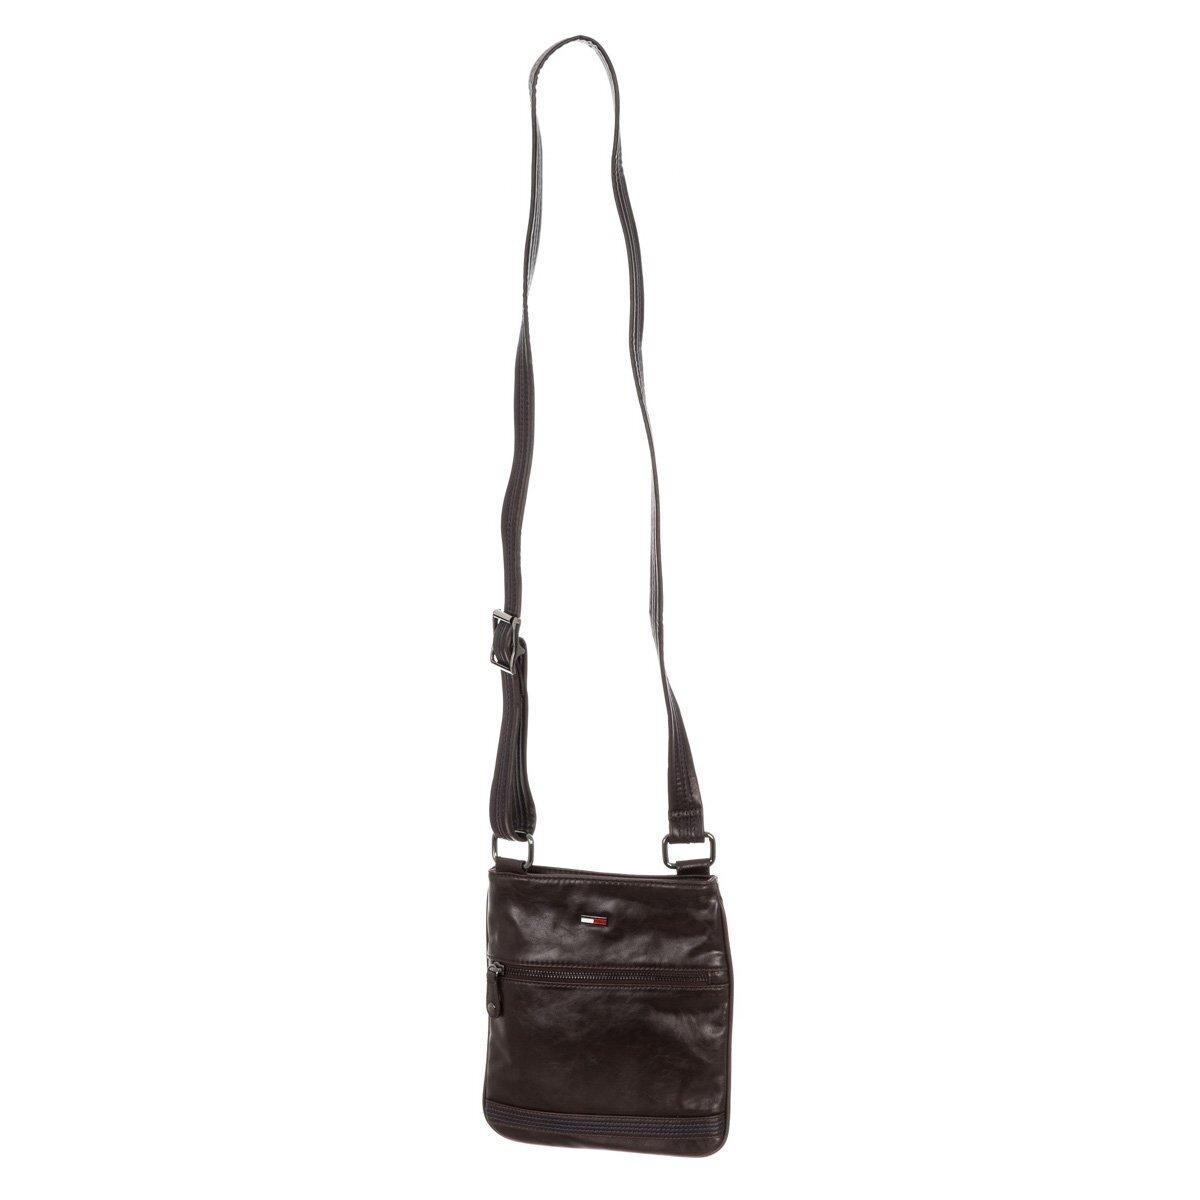 Pánska hnedá taška z umelej kože Tommy Hilfiger  9806fa2fead